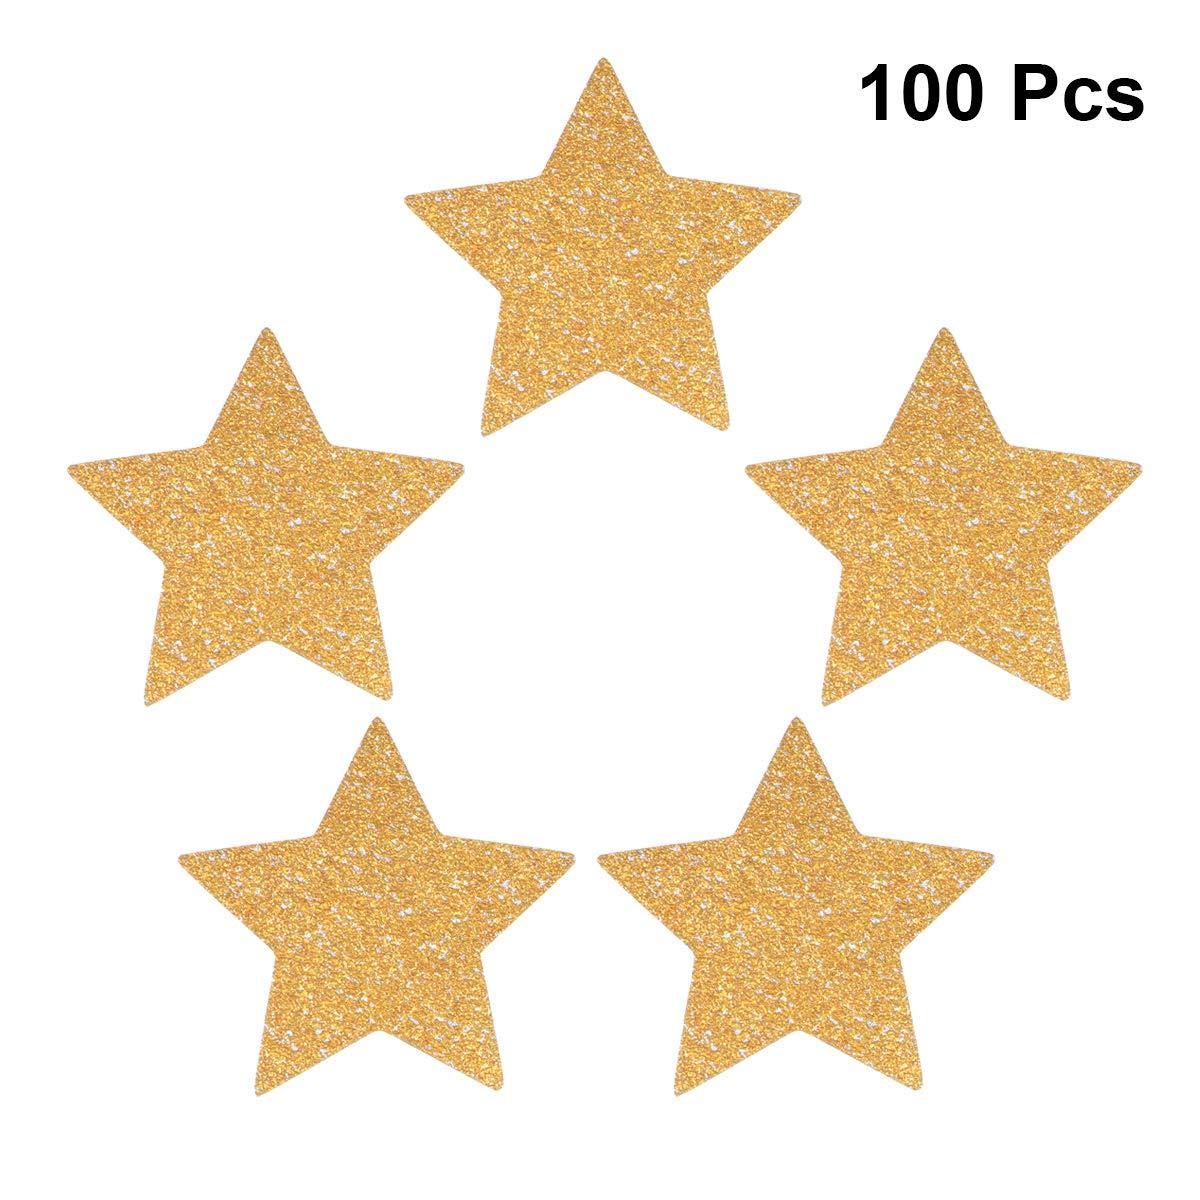 100 Coloré Aléatoire Cylindre Perles Approx 7 mm x7mm de taille avec 3 mm pour trou